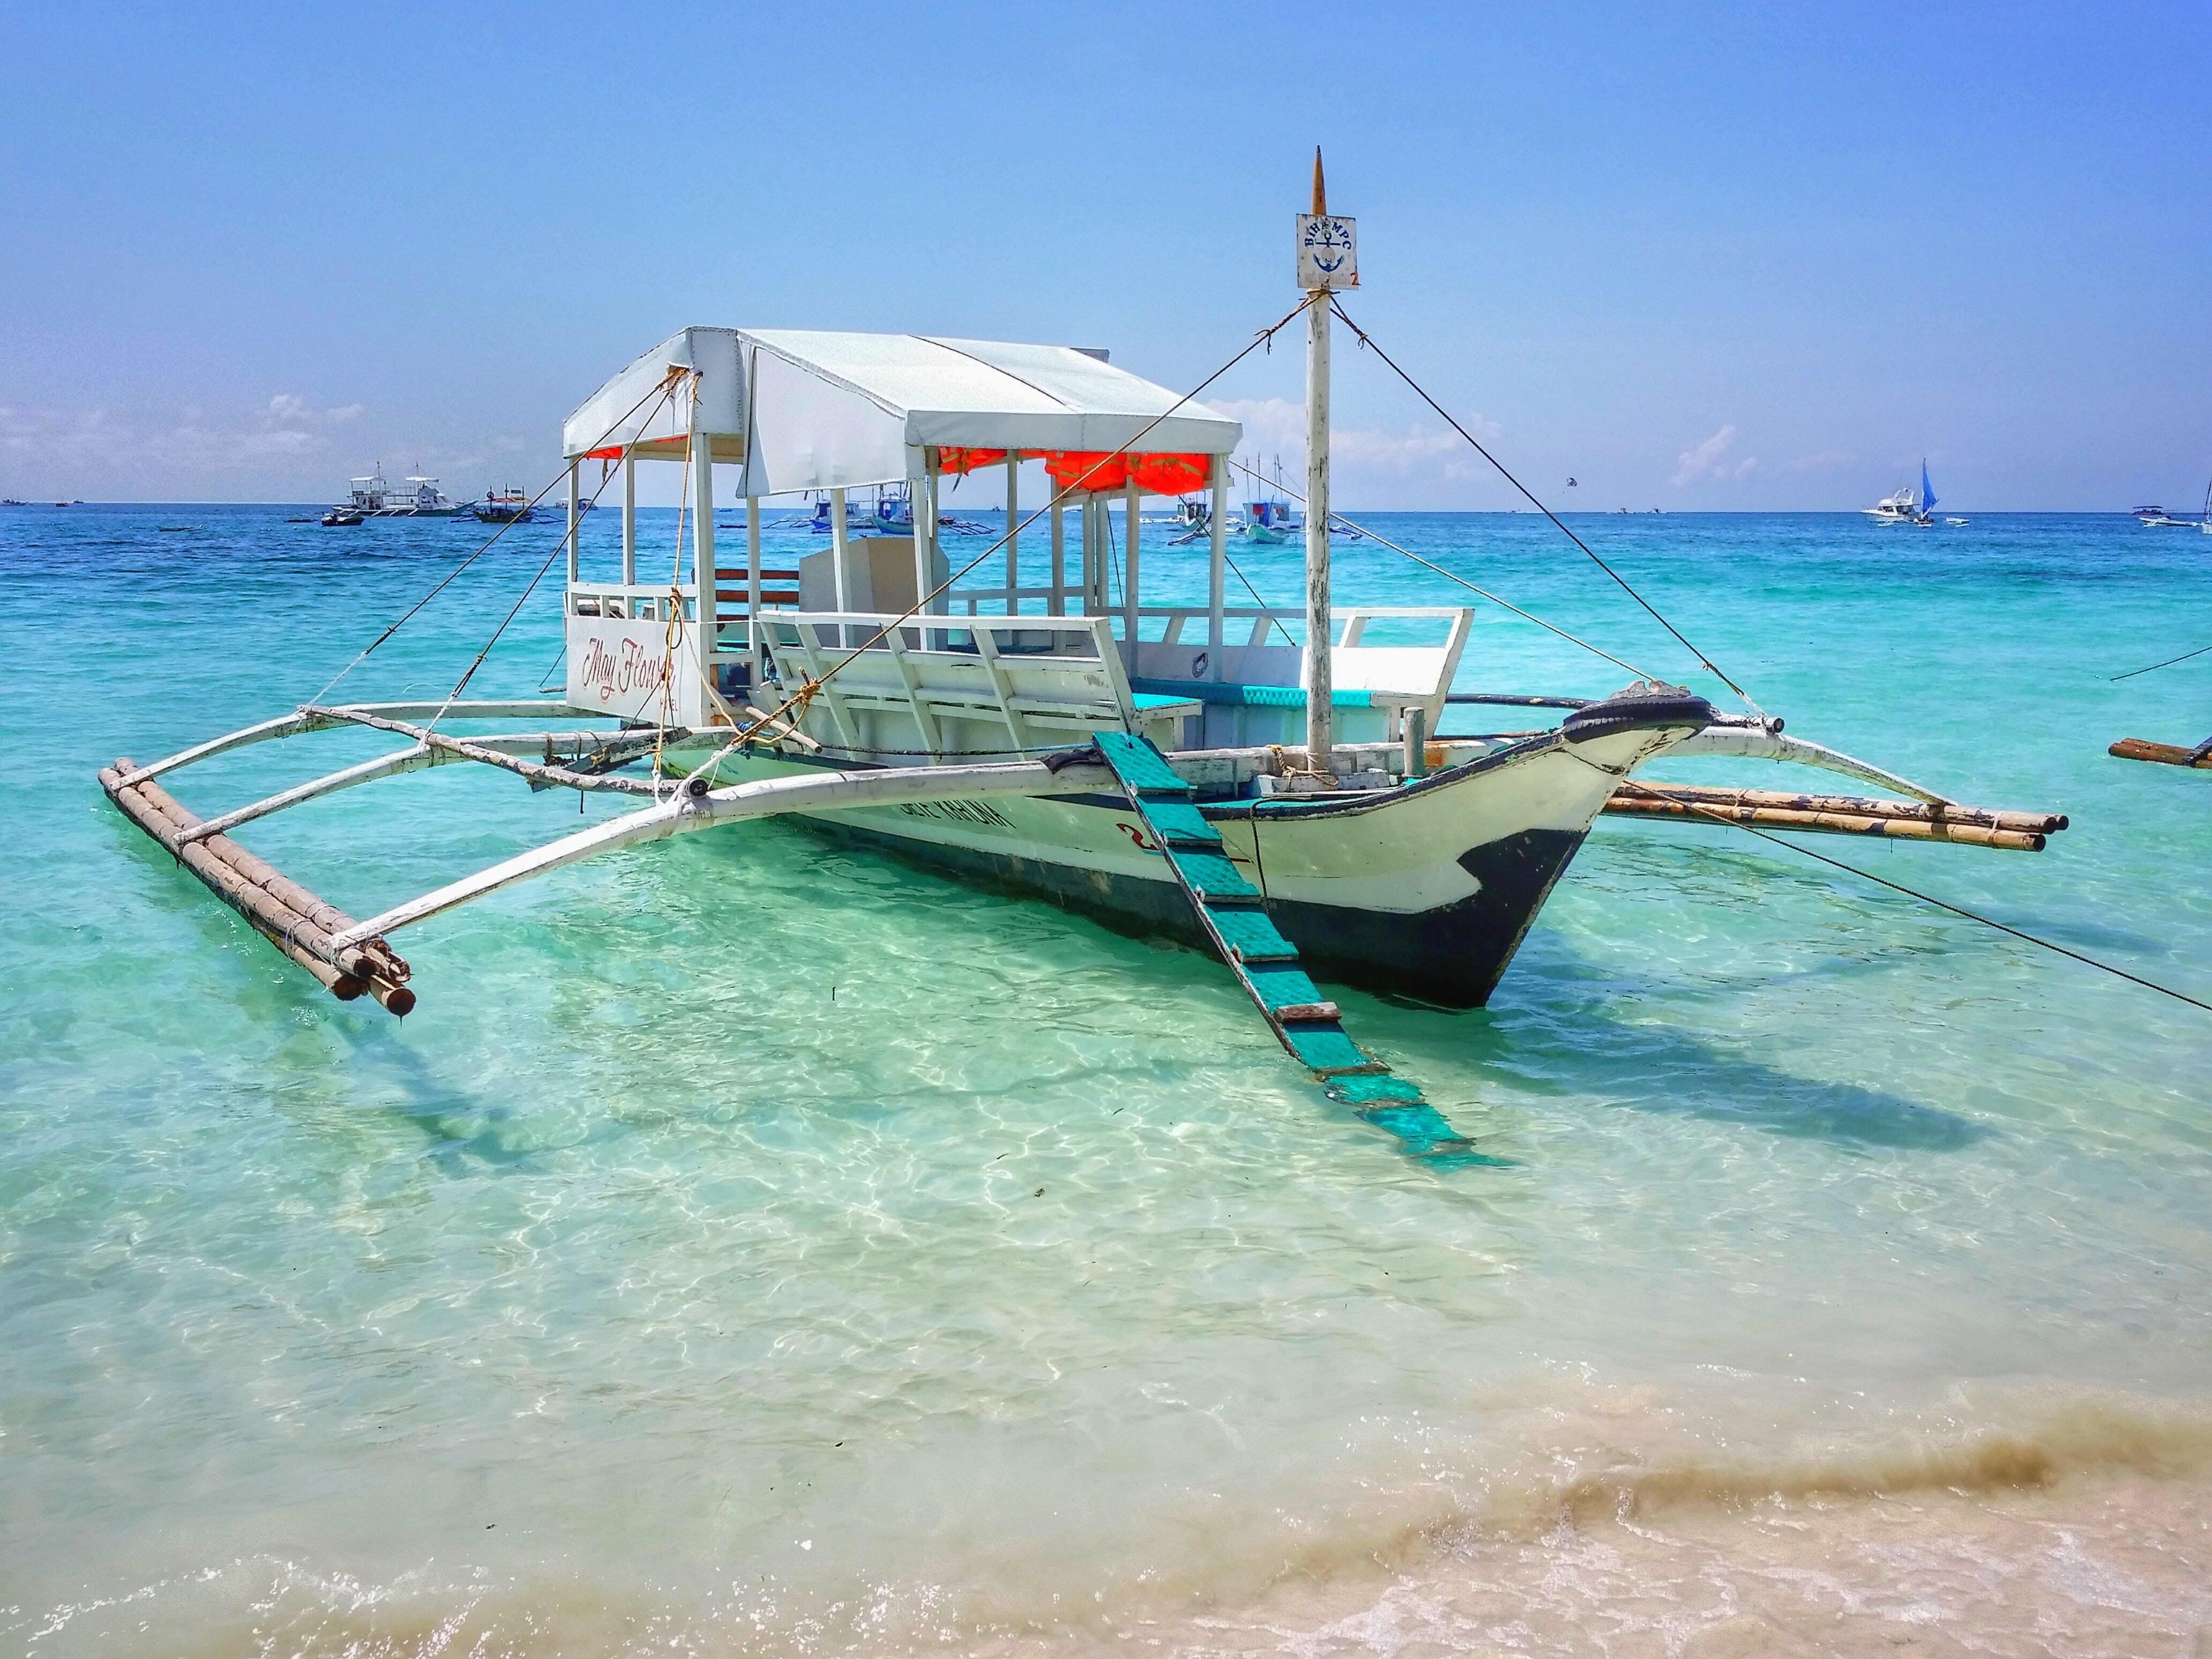 Kostenloses Stock Foto zu badeort, boot, meer, meeresküste